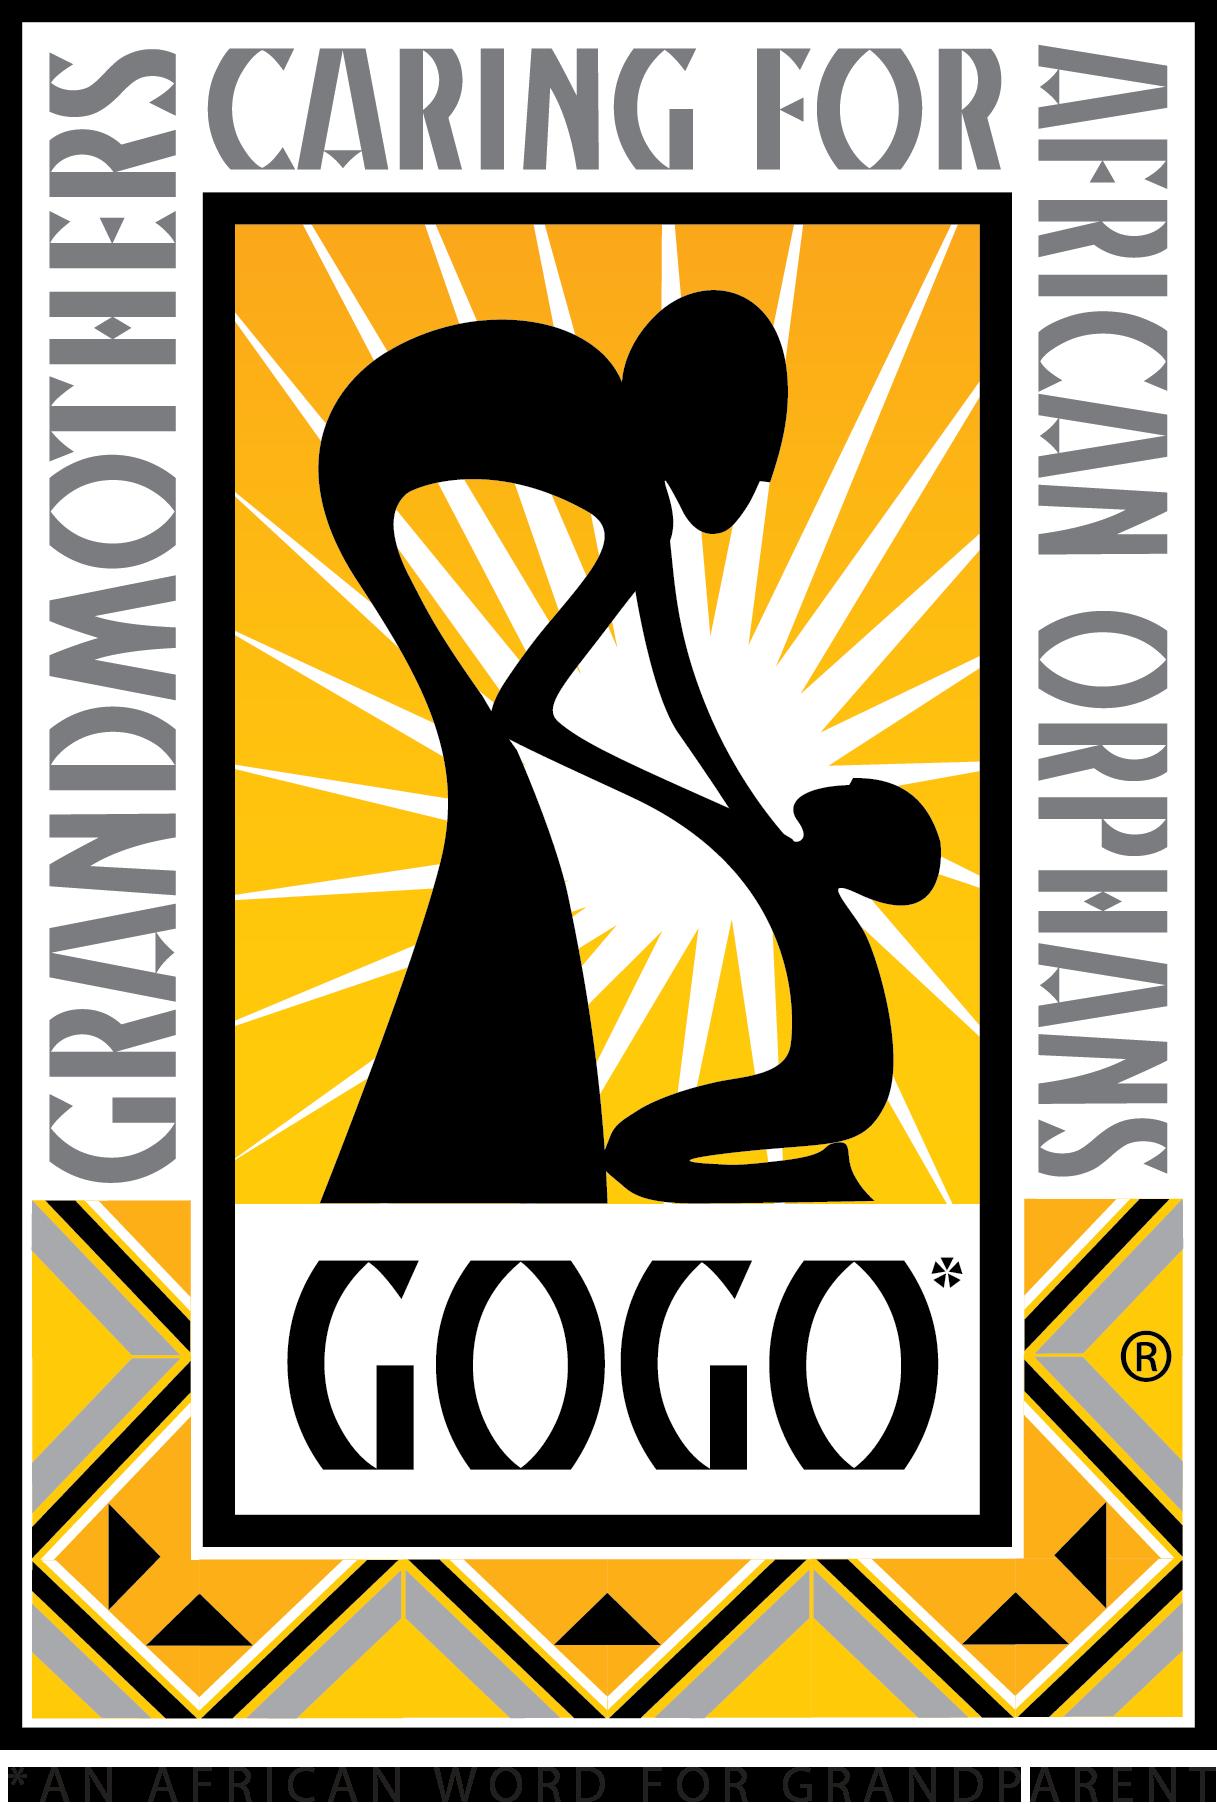 GOGOLogo4x6Vector.png